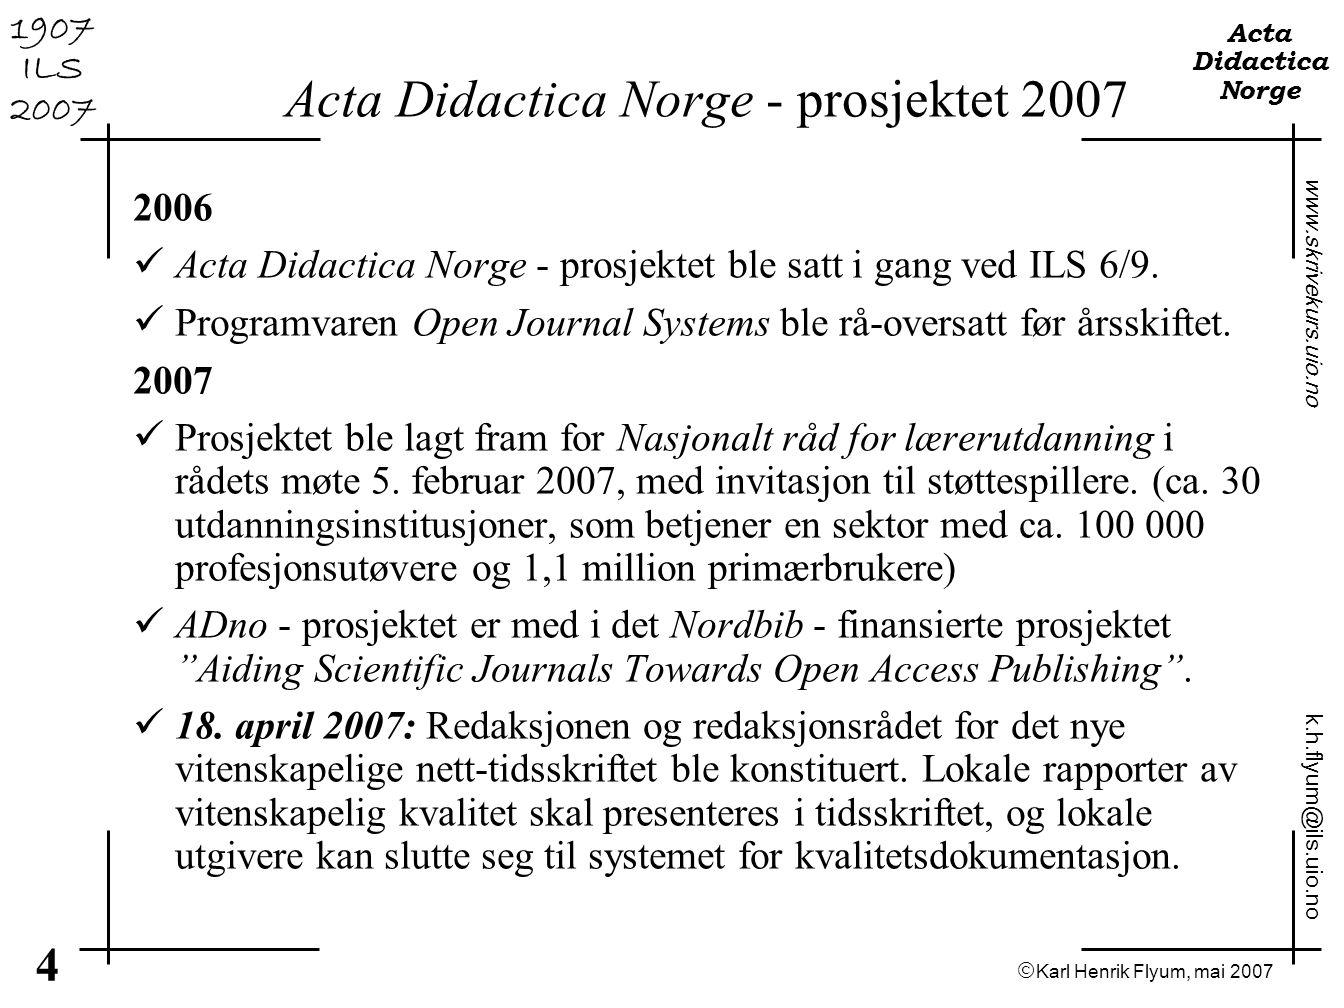  Karl Henrik Flyum, mai 2007 5 www.skrivekurs.uio.no k.h.flyum@ils.uio.no Acta Didactica Norge 1907 ILS 2007 Open Journal Systems T eknisk P ublikasjonsfaglig B rukerfunksjonalitet S ikkerhetsmessig B iblioteksfaglig J uridisk - flere fagmiljø i Norge og Norden har allerede underhånden uttrykt at både prosjektet og teknologien er interessant til mange formål.